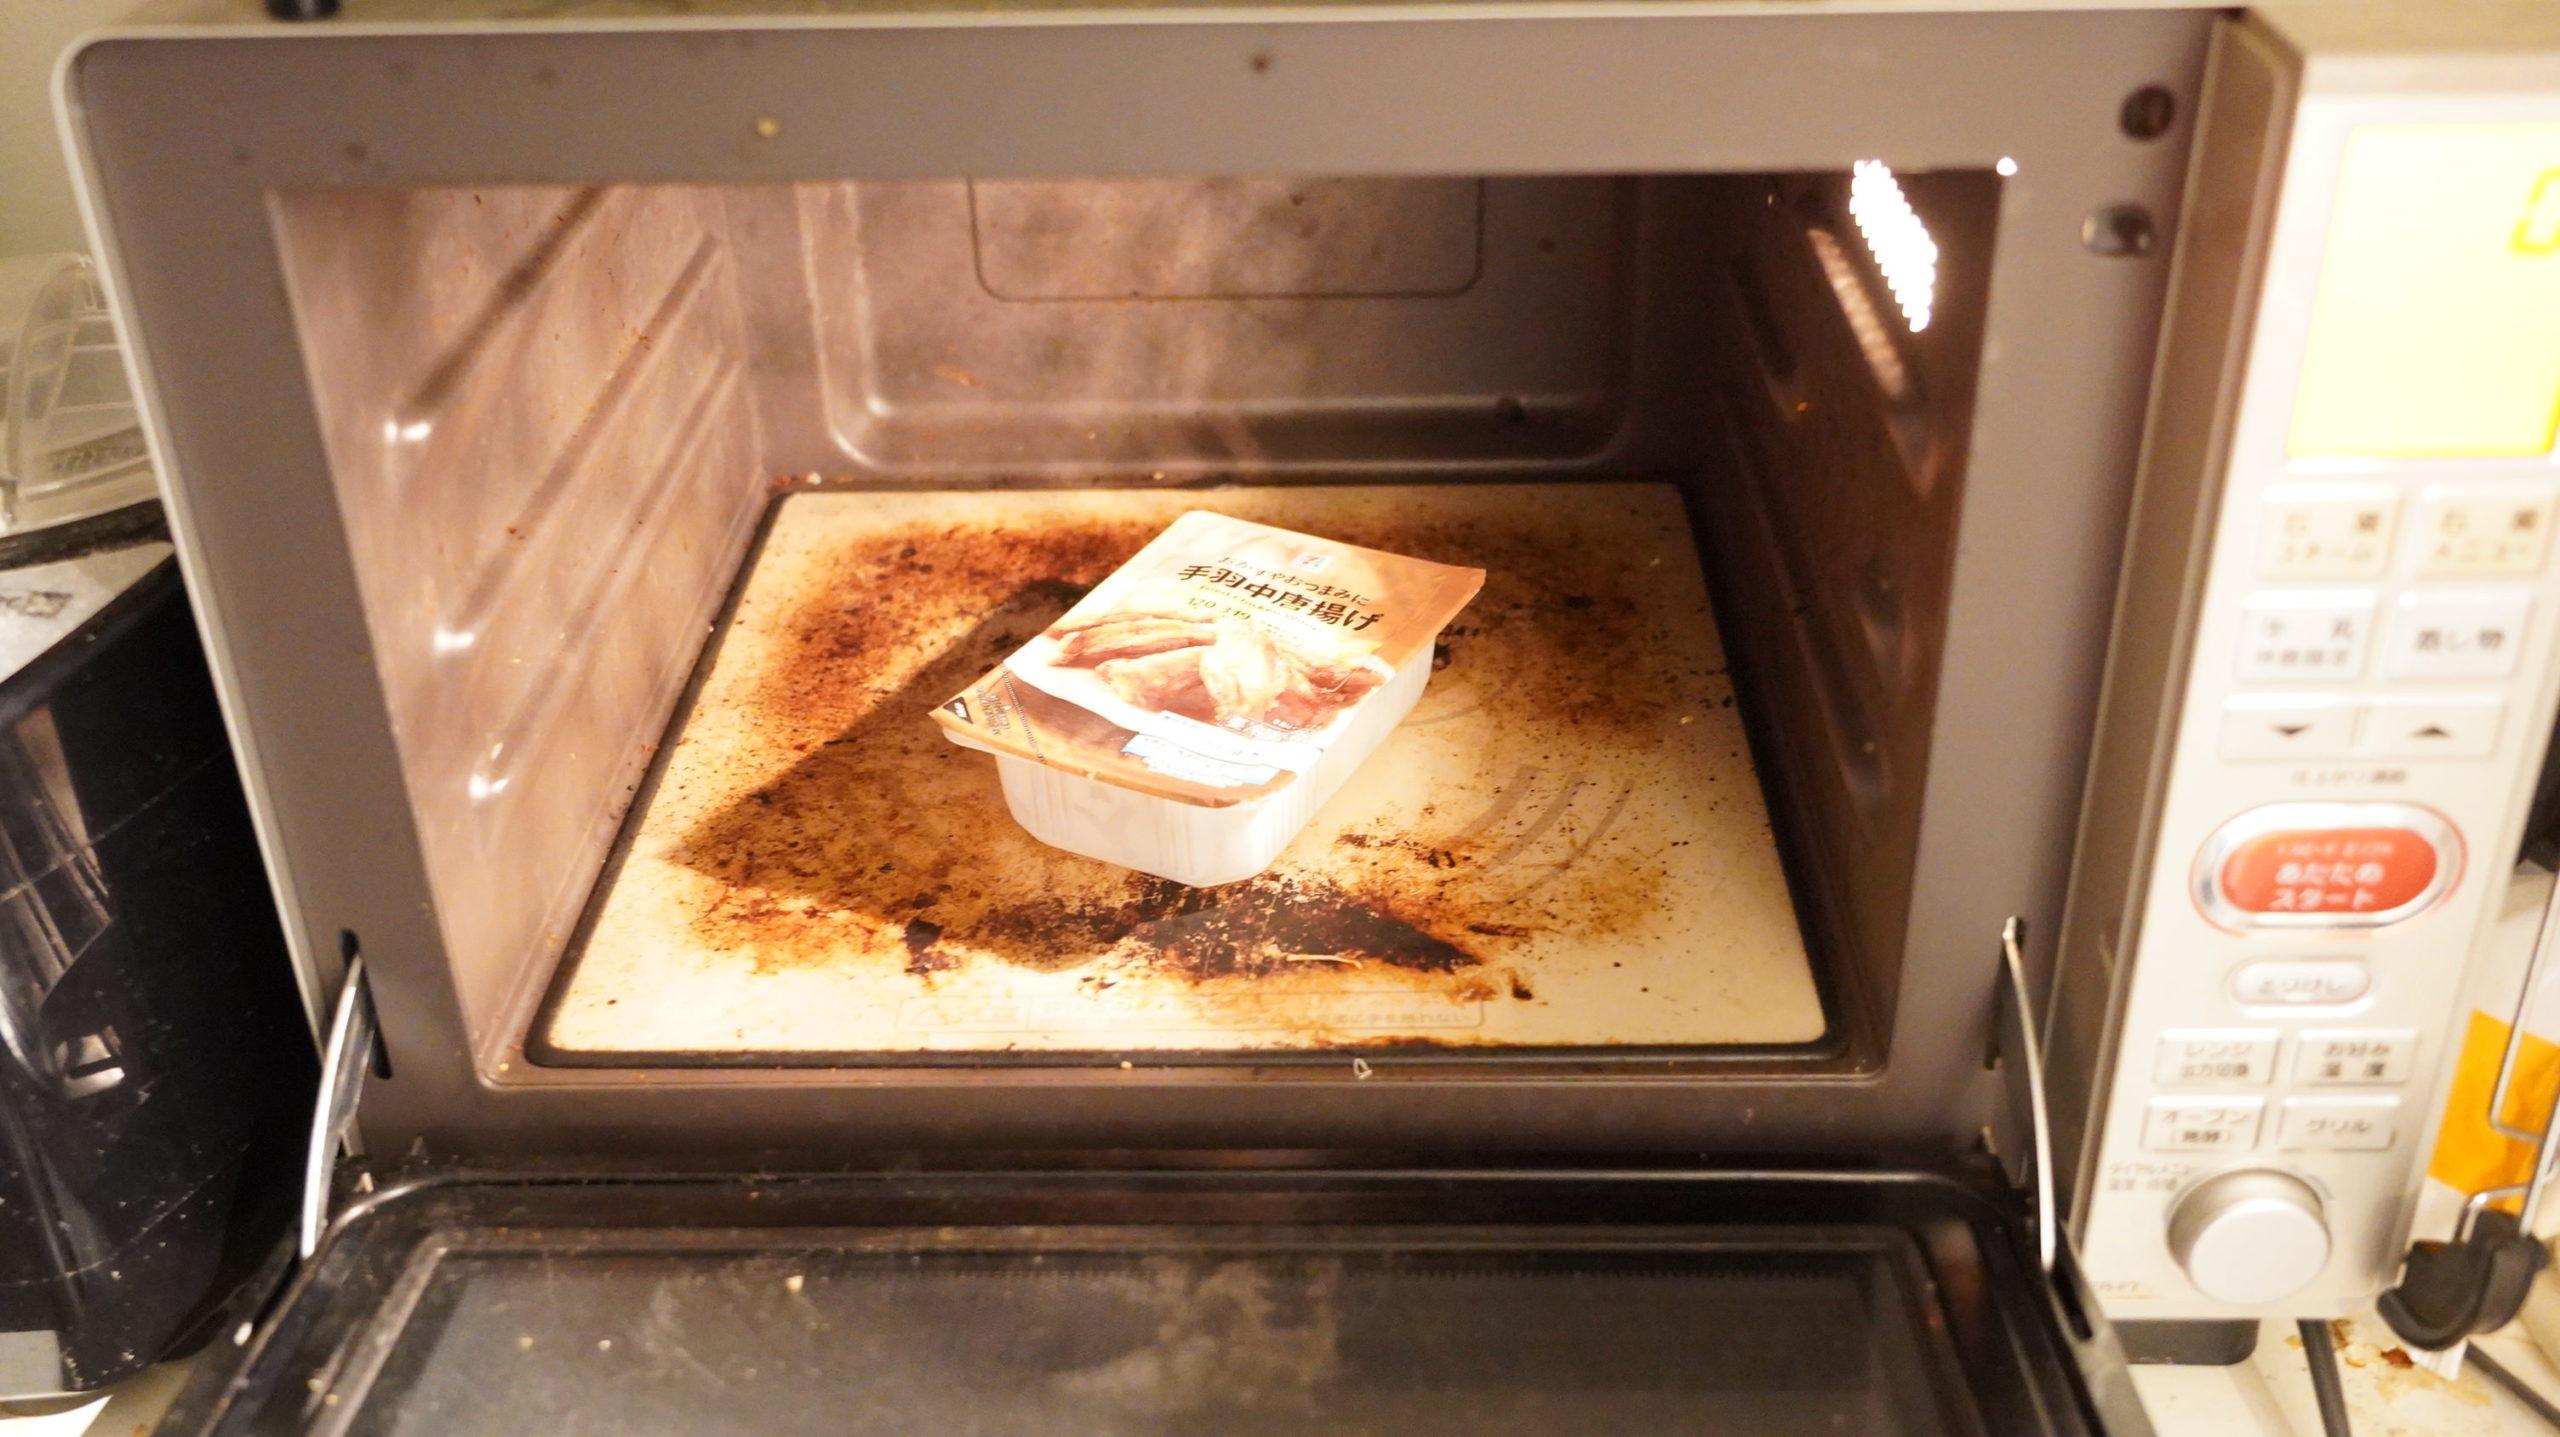 セブンイレブンの冷凍食品「おかずやおつまみに・手羽中唐揚げ」を電子レンジで加熱している写真